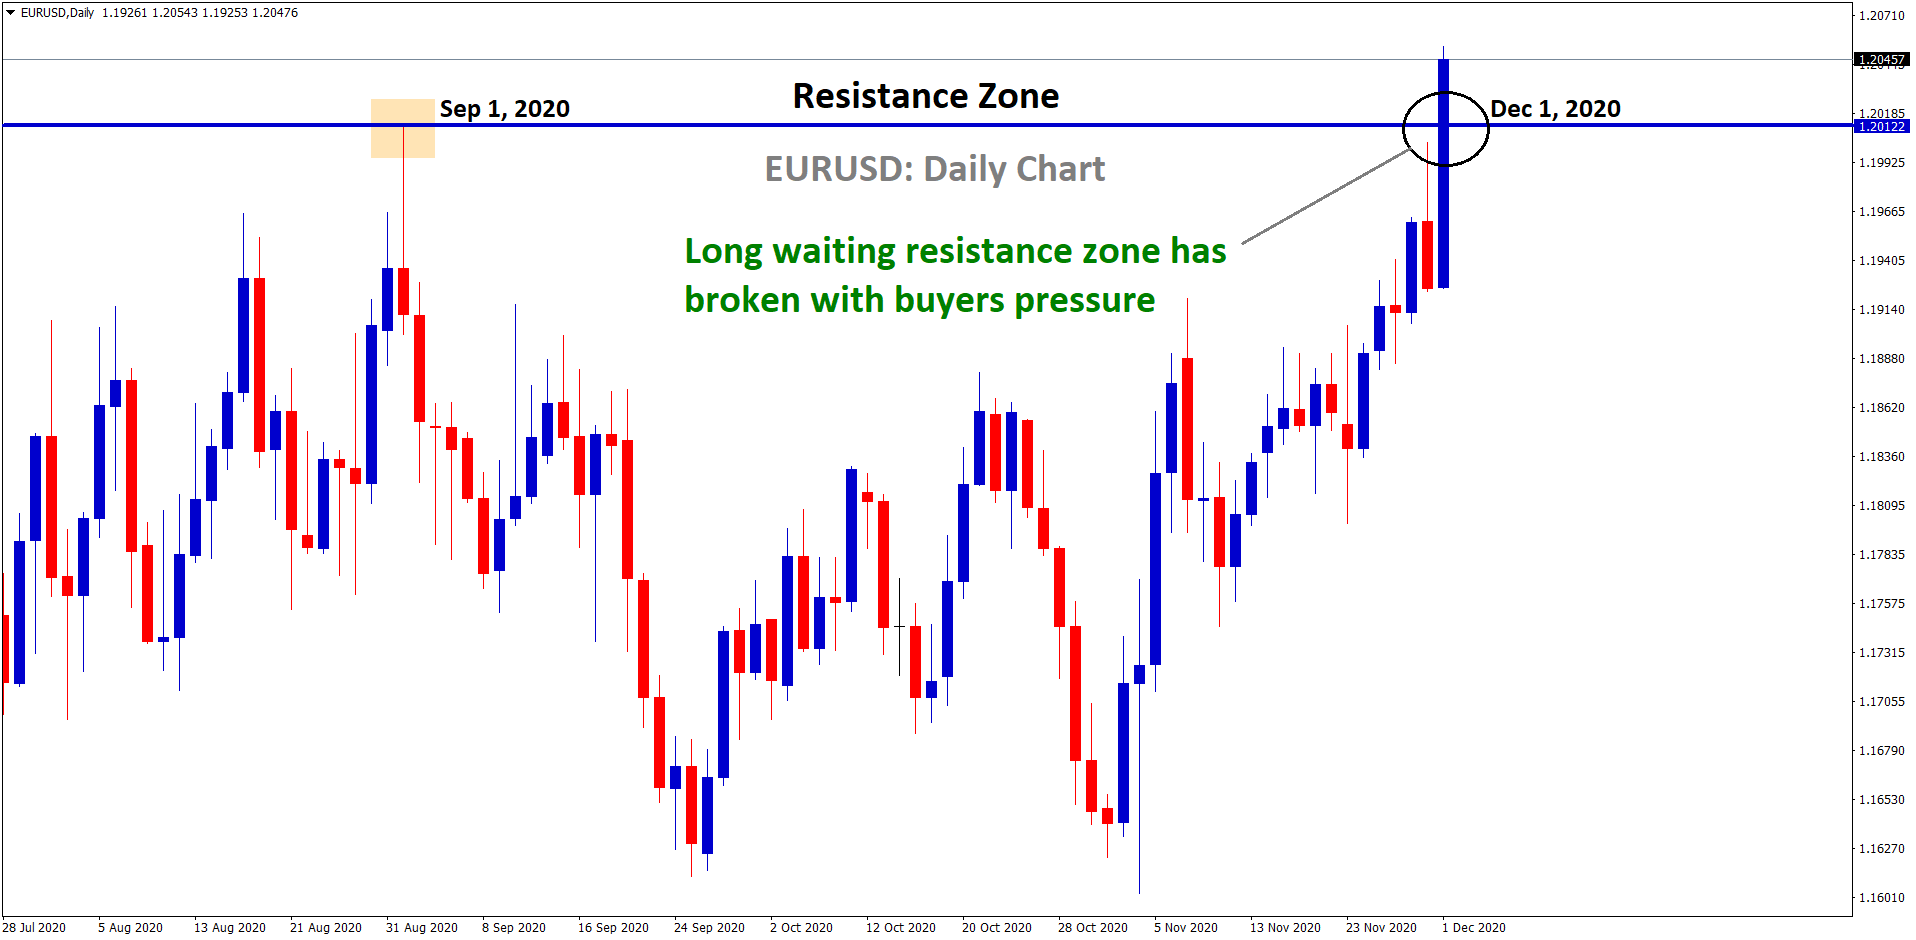 EURUSD broken the resistance zone with buyers pressure